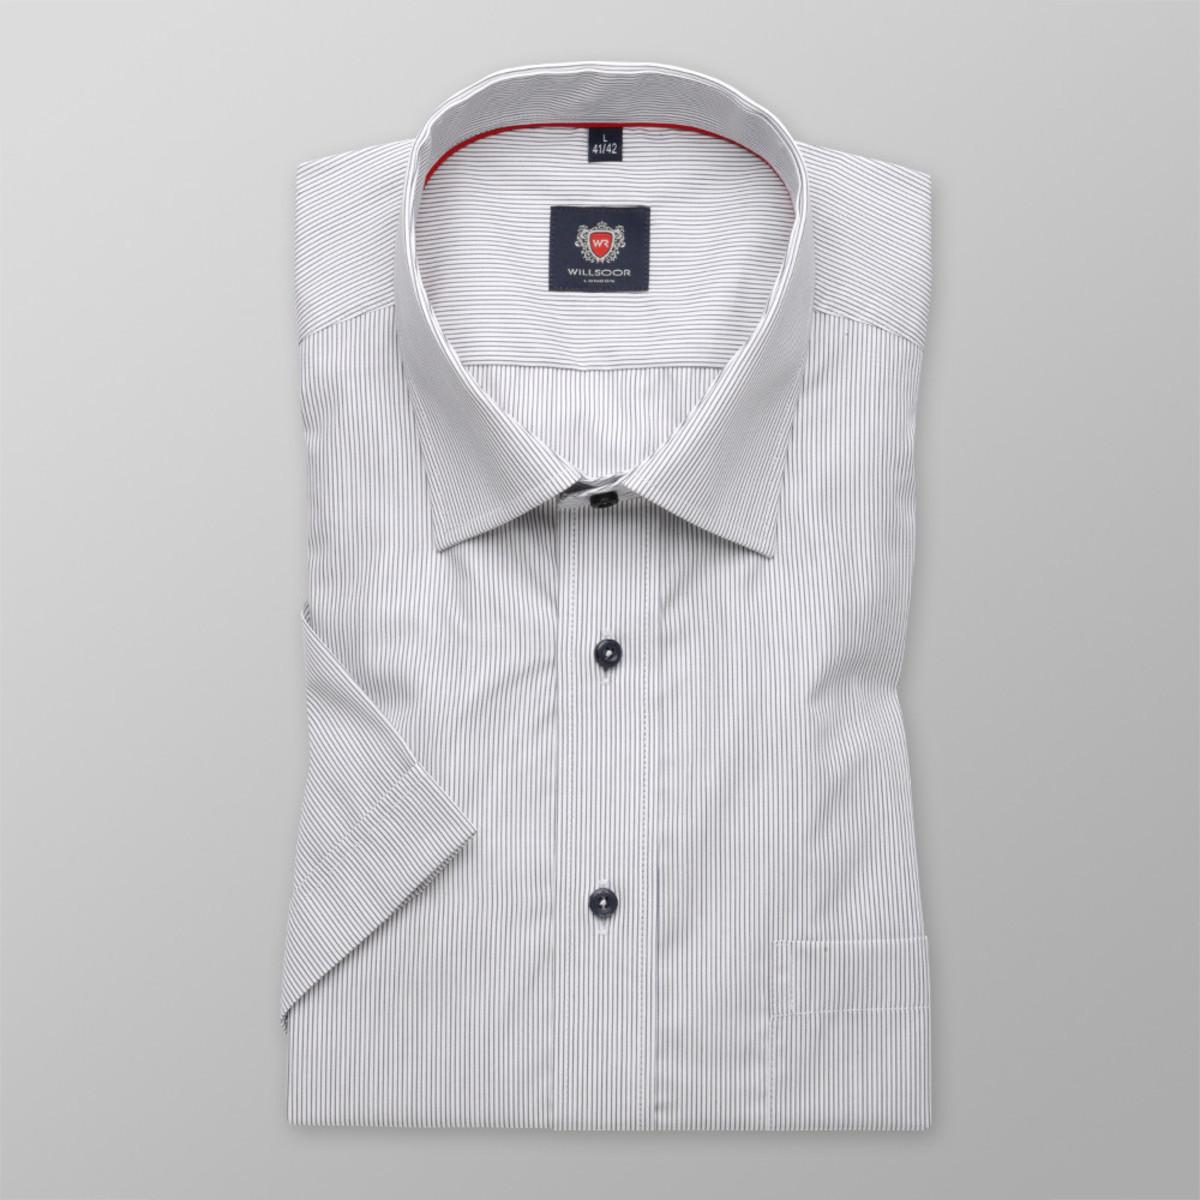 Košile London (výška 176-182) 9375 176-182 / L (41/42)